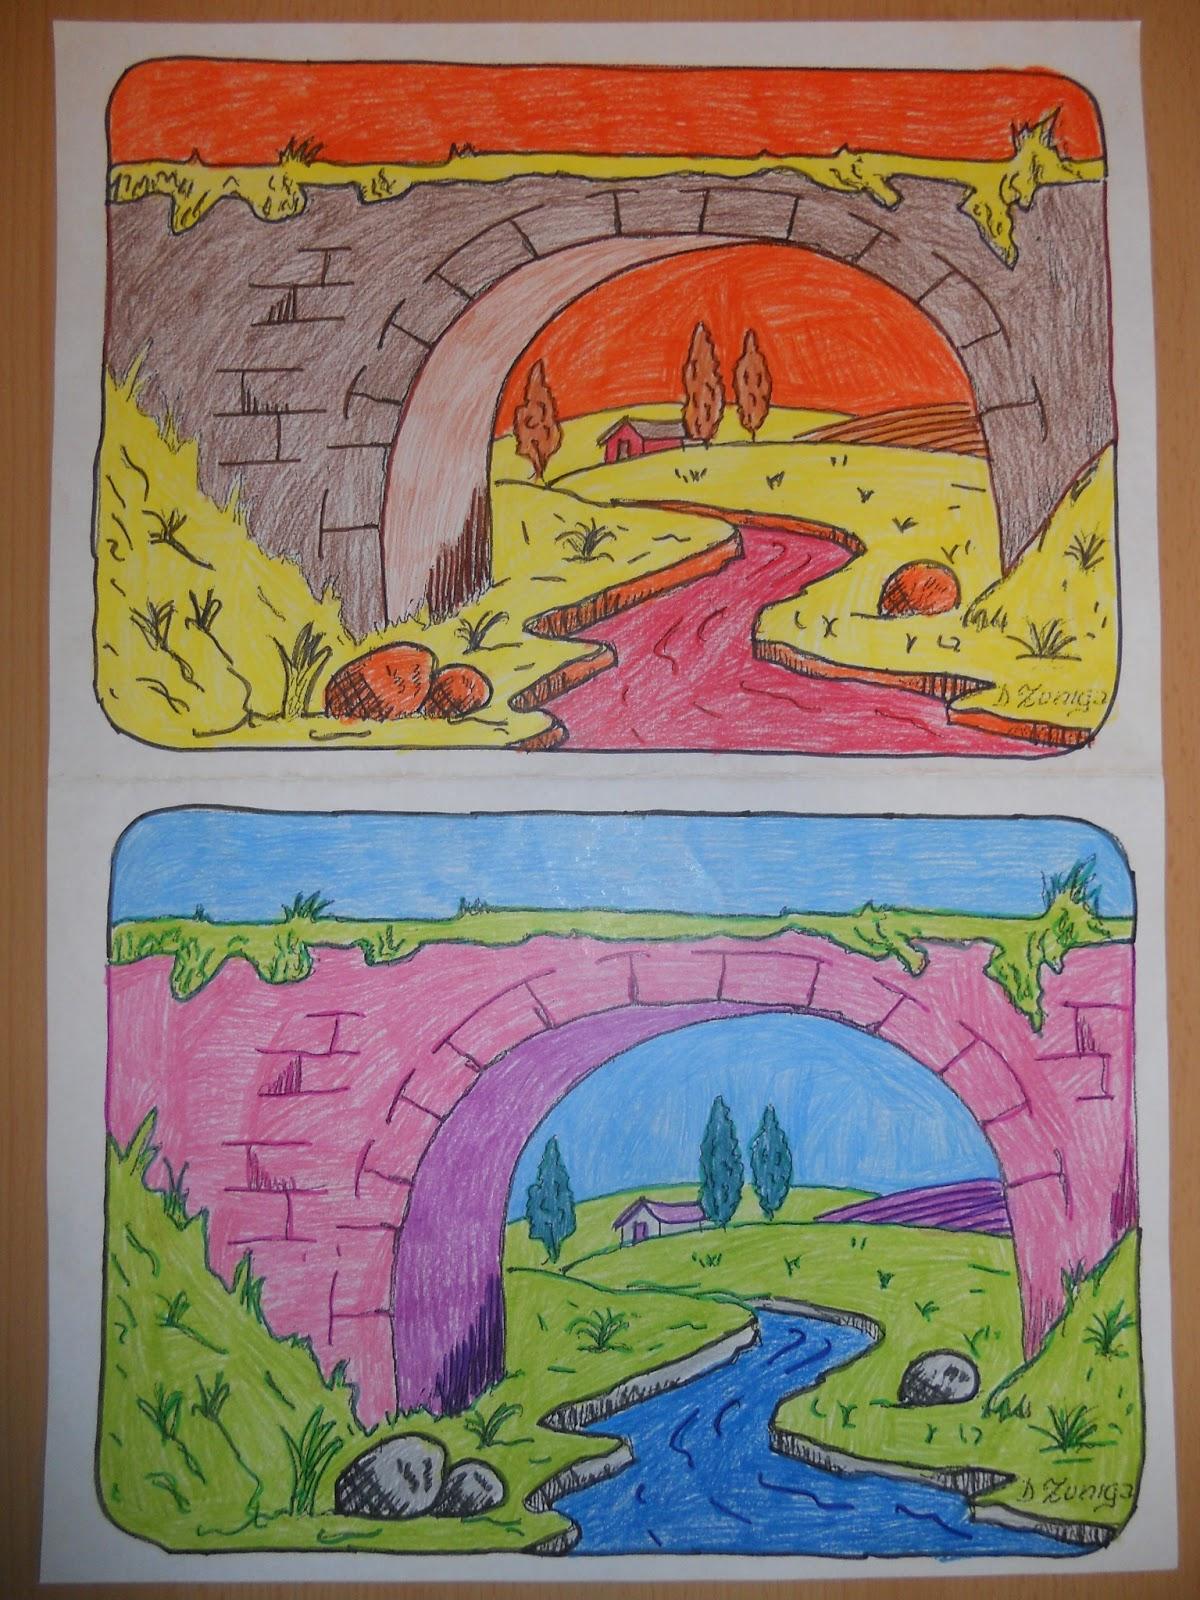 La f brica de genios ceip juan gris paisaje fr o y c lido - Paisaje con colores calidos ...